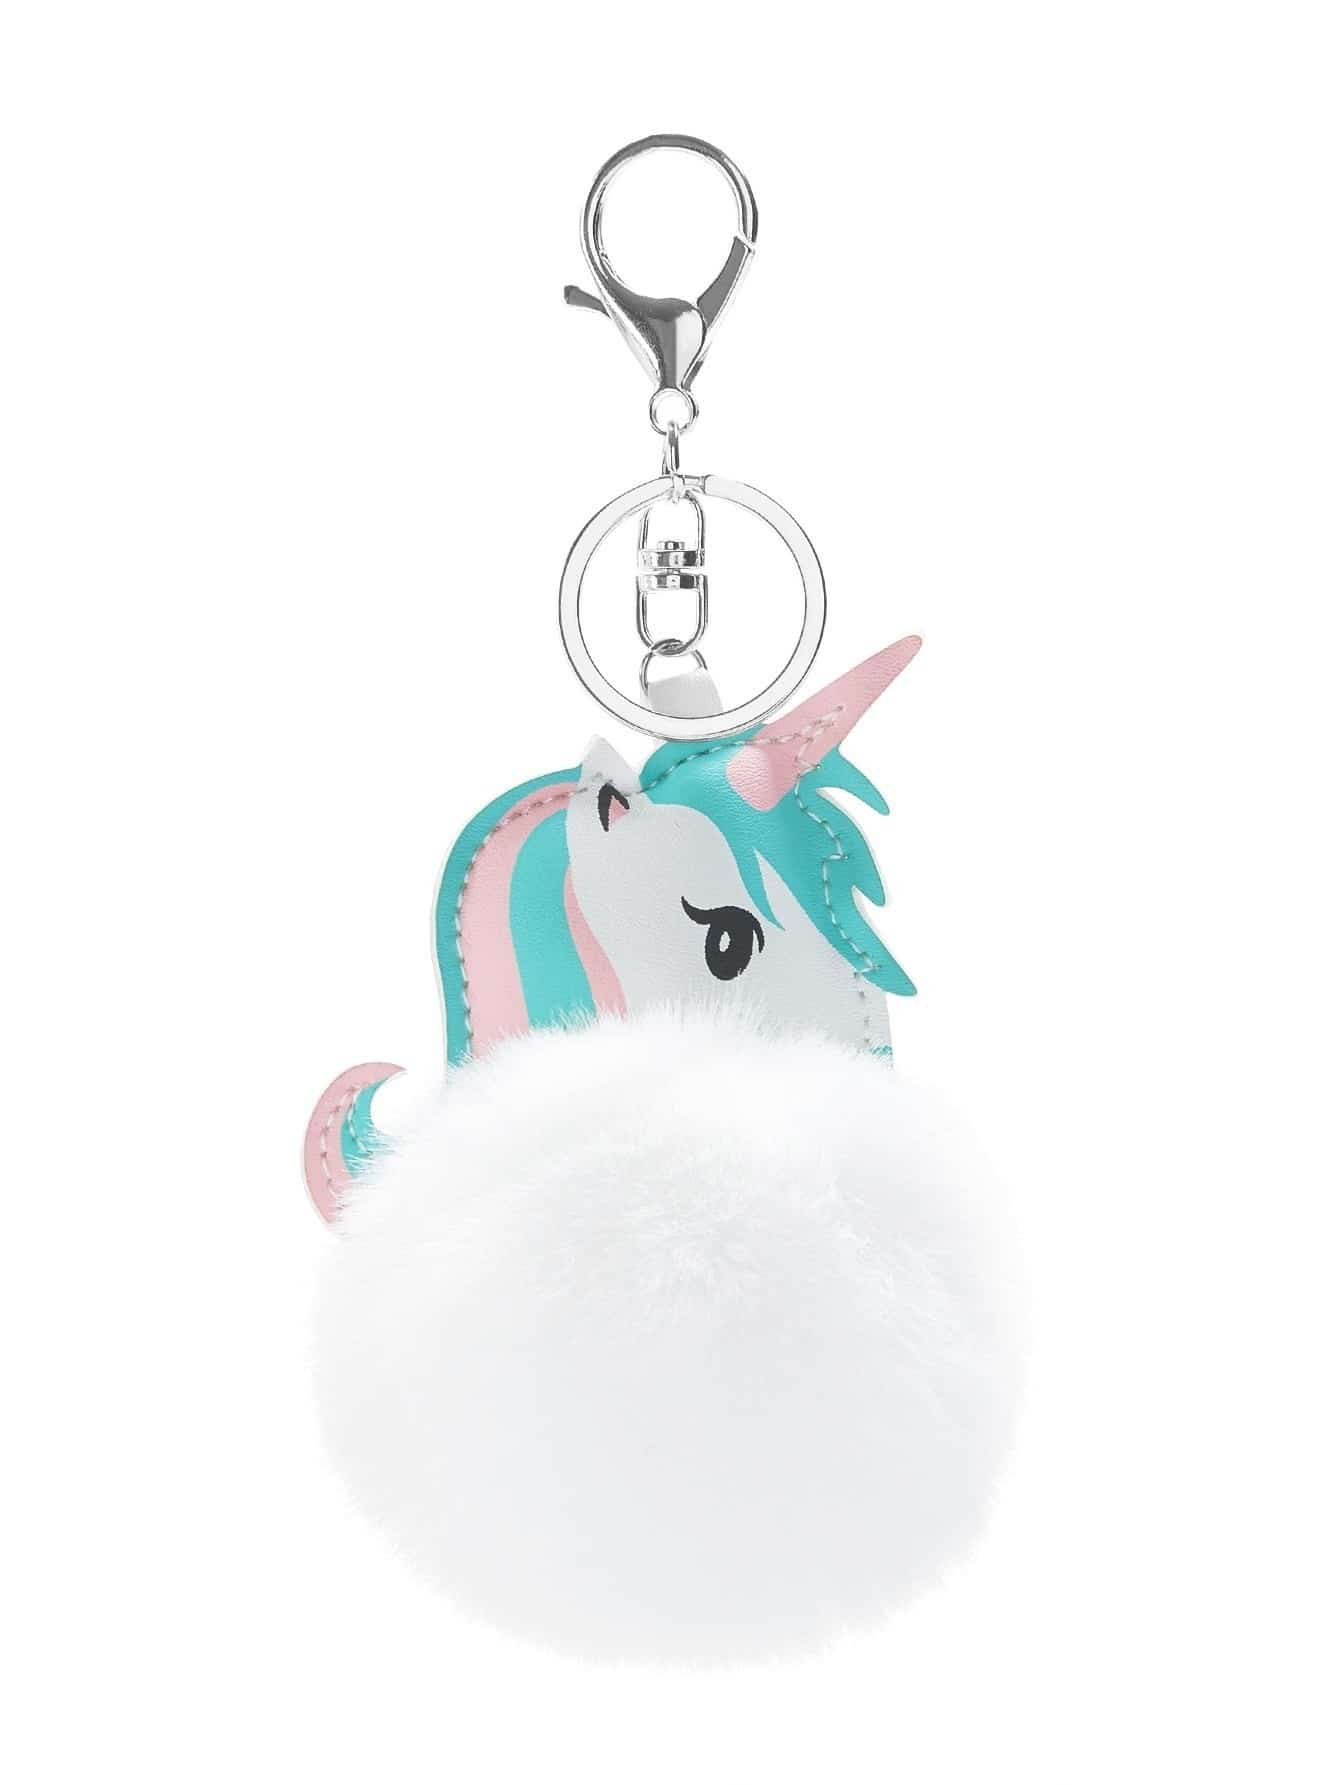 Horse & Pom Pom Design Keychain